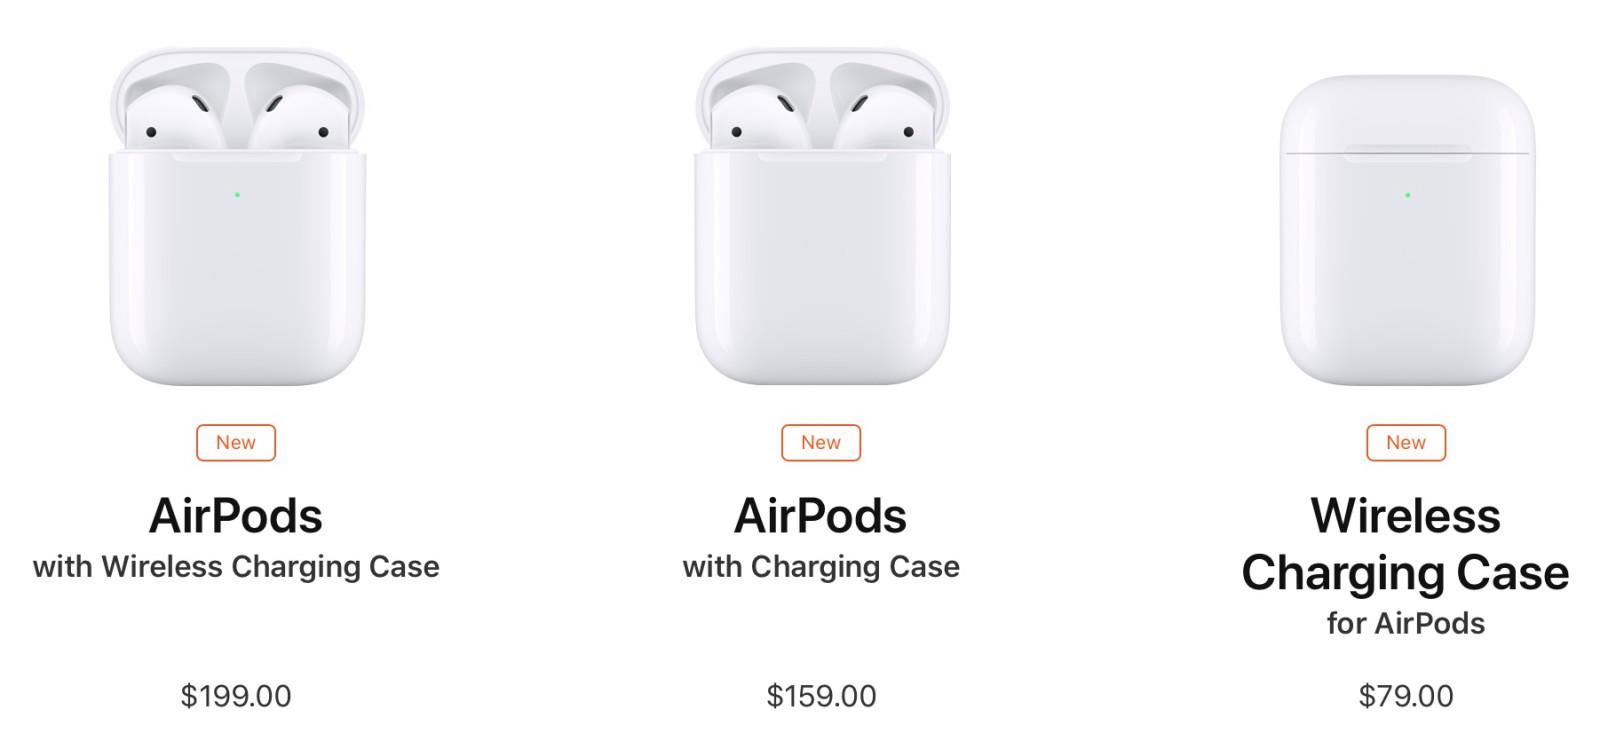 想要购买第二代AirPods?看看有什么新功能吧!